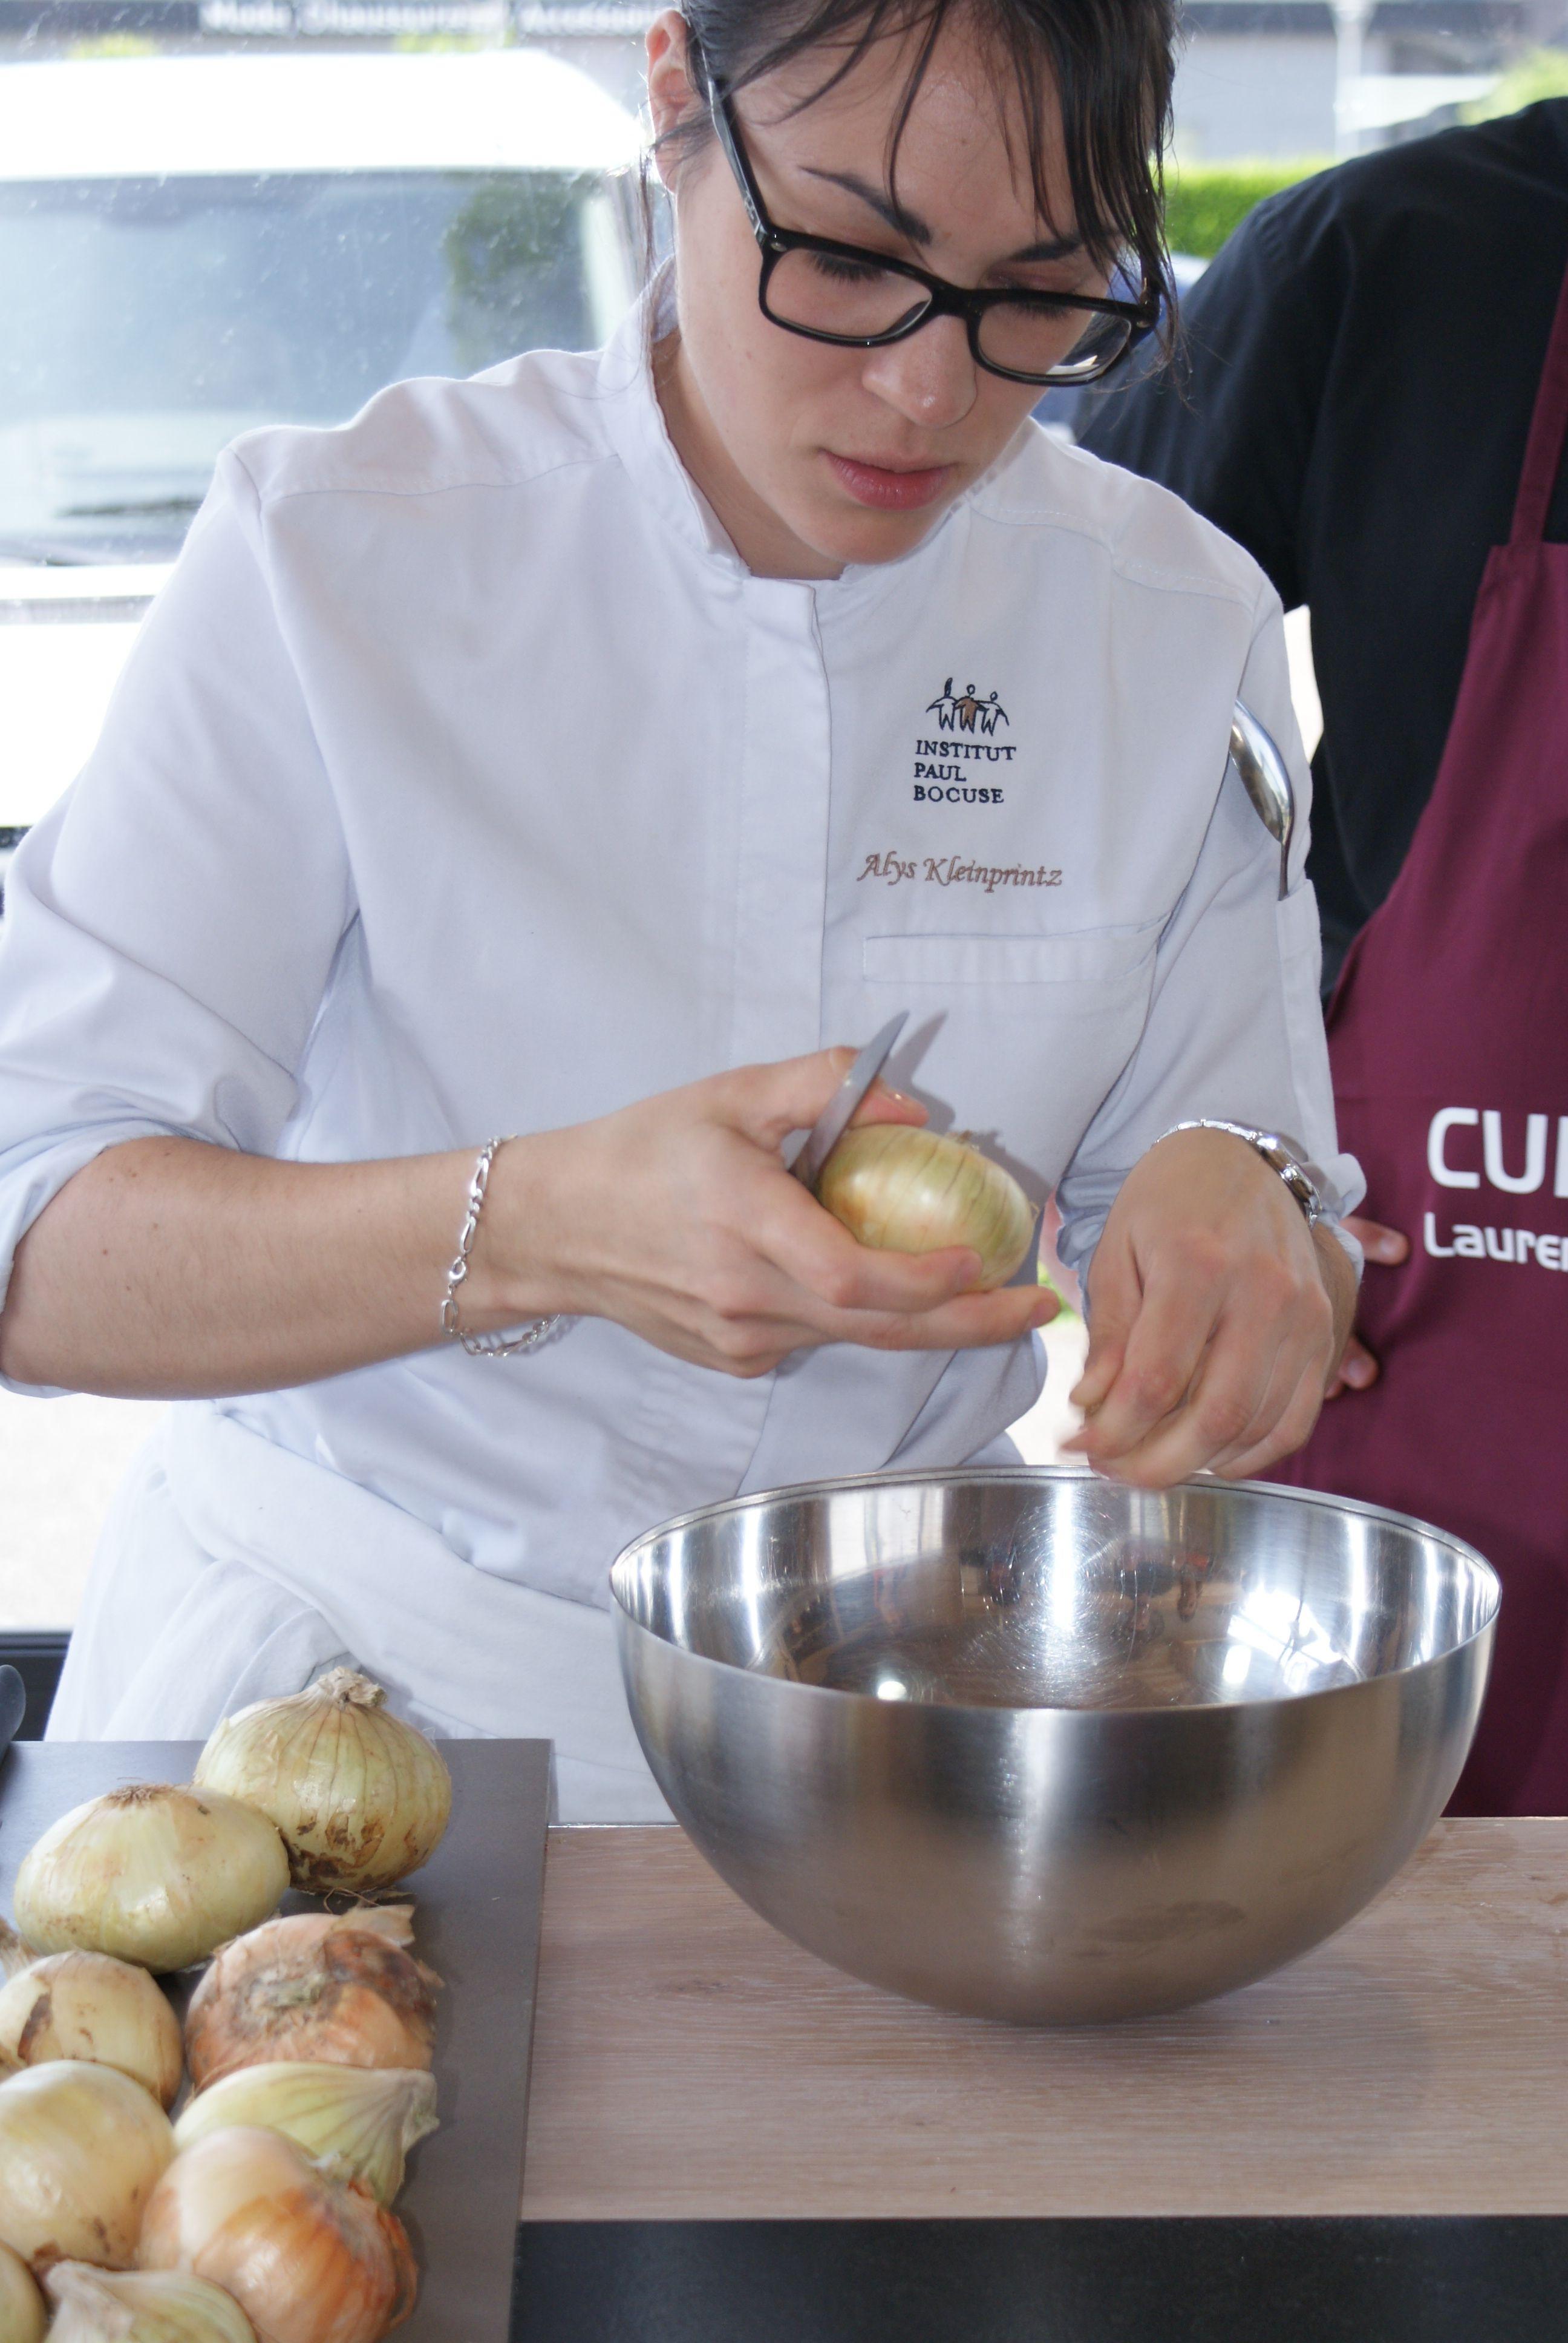 Cuisines Cng Laurent Di Palma Cours De Cuisine Avec Linstitut Paul